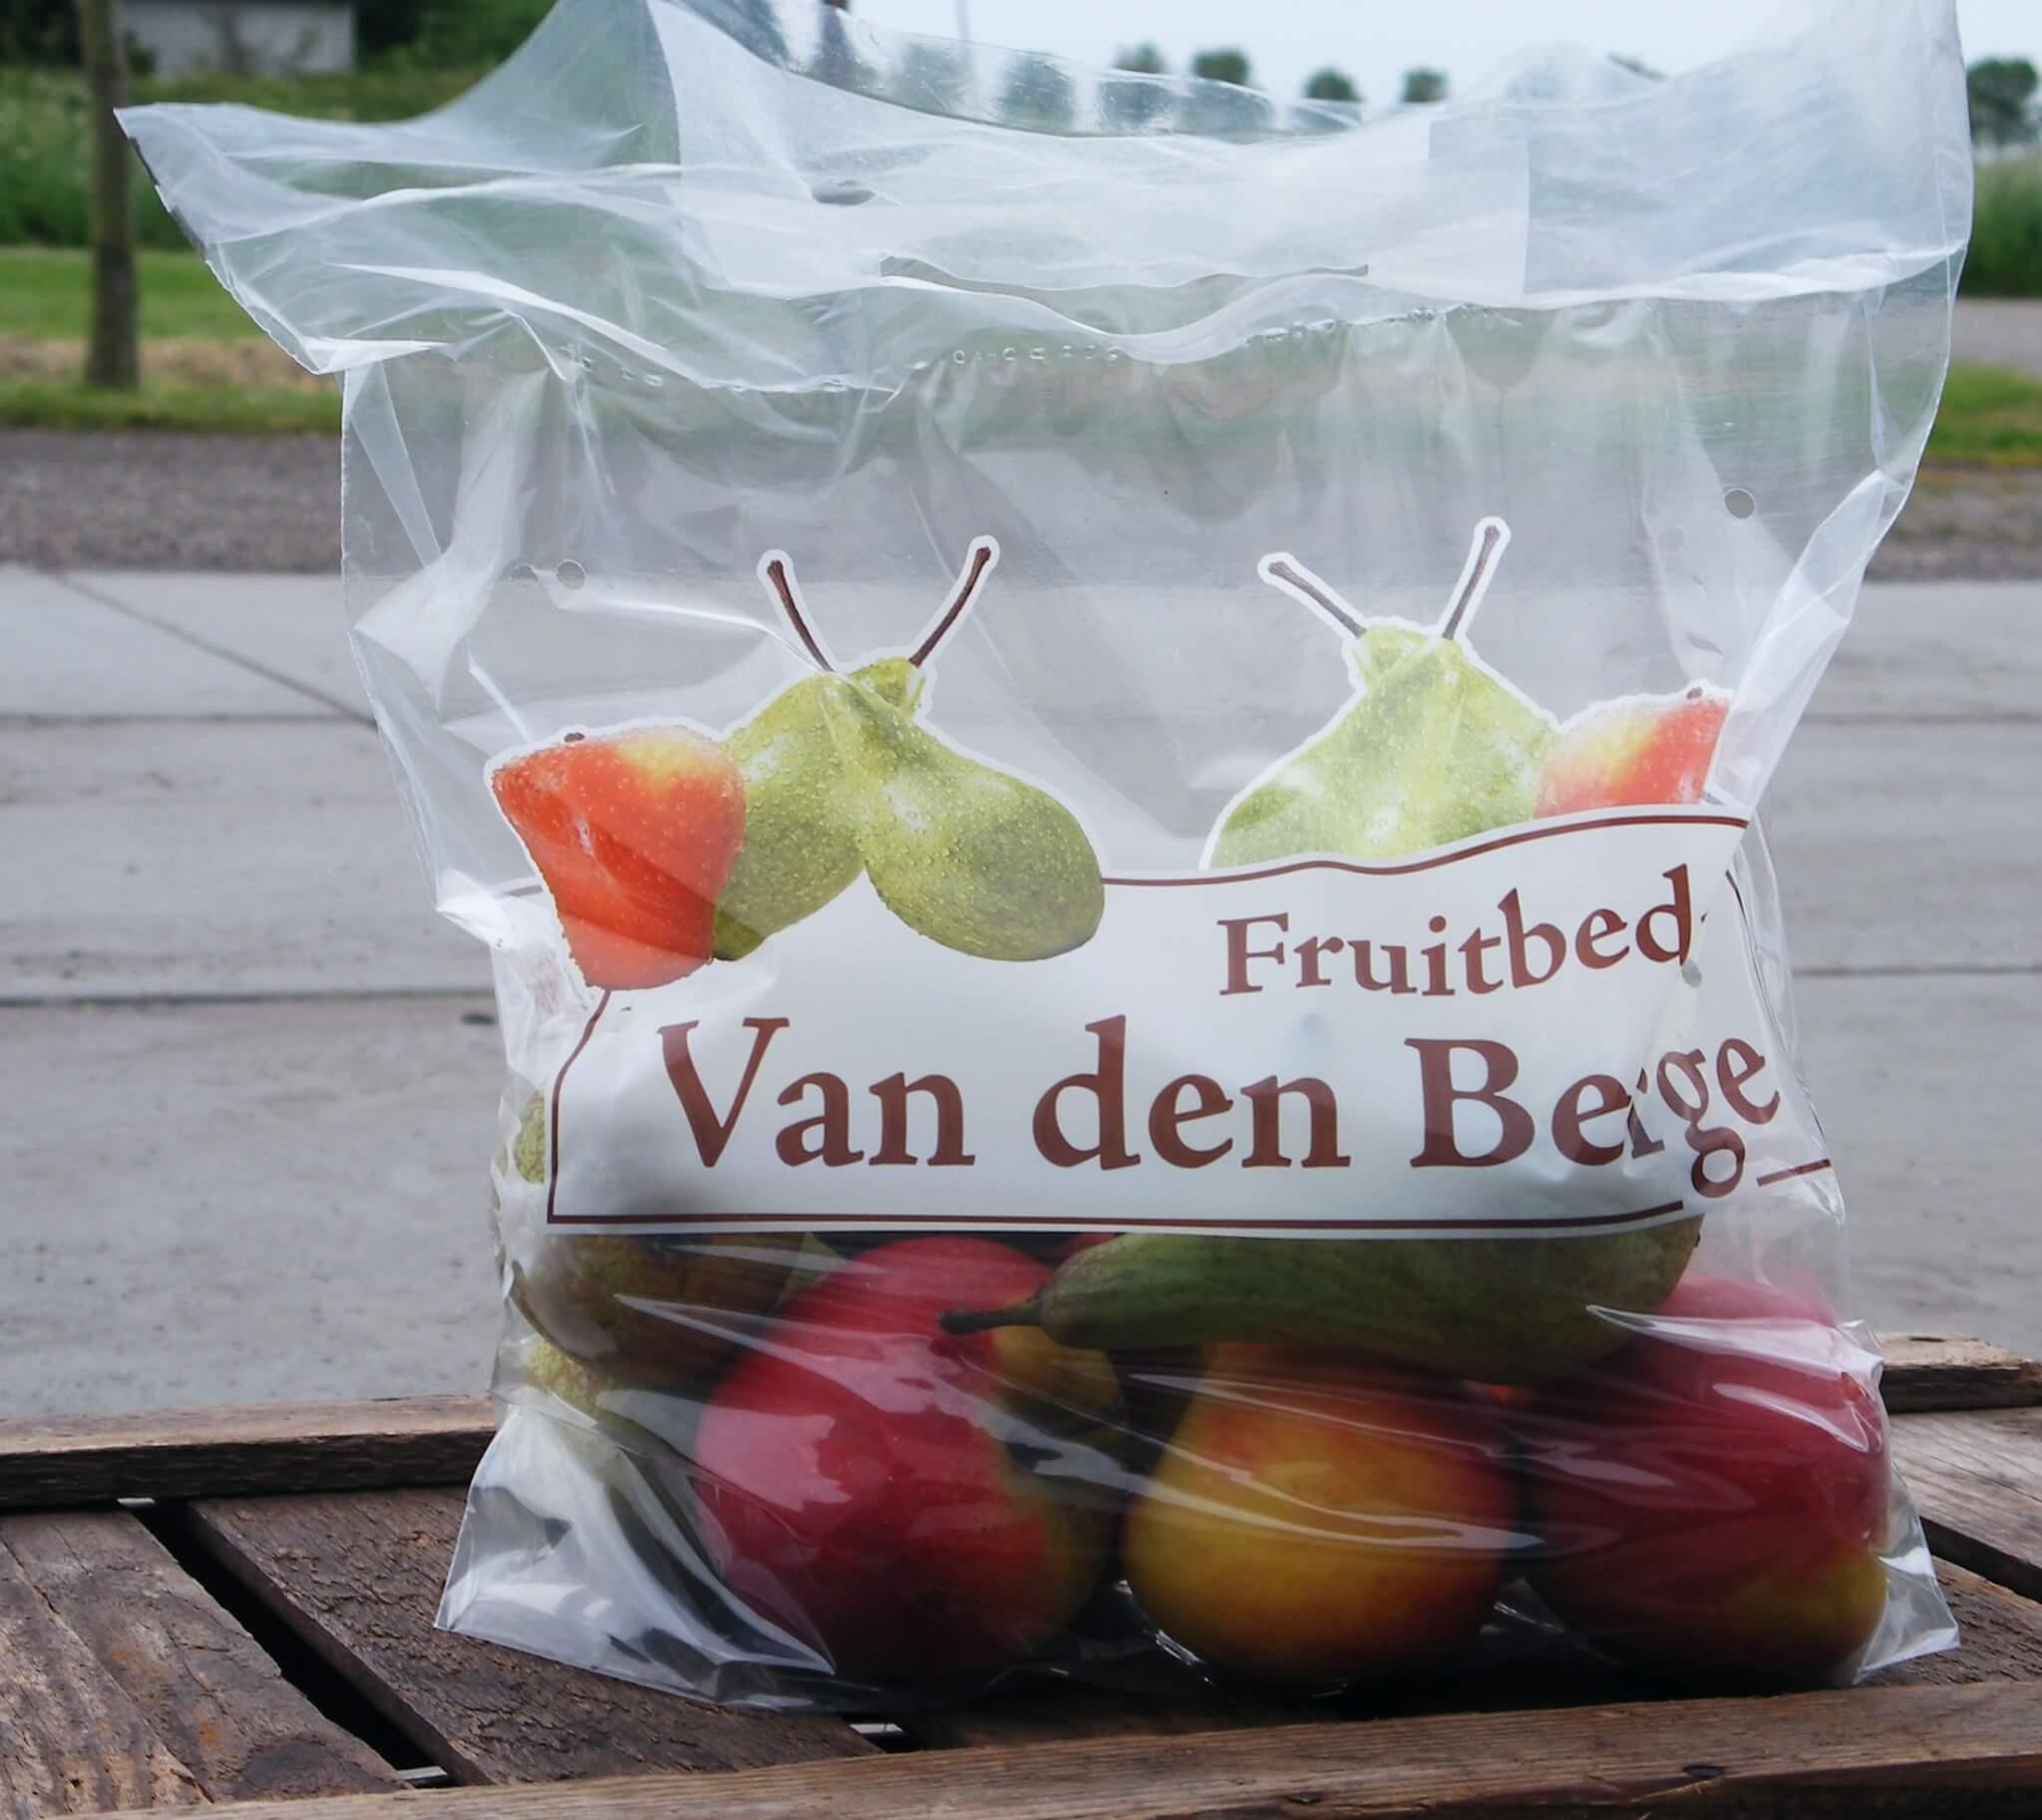 Fruitbedrijf Van den Berge_gemengd fruit_tasje